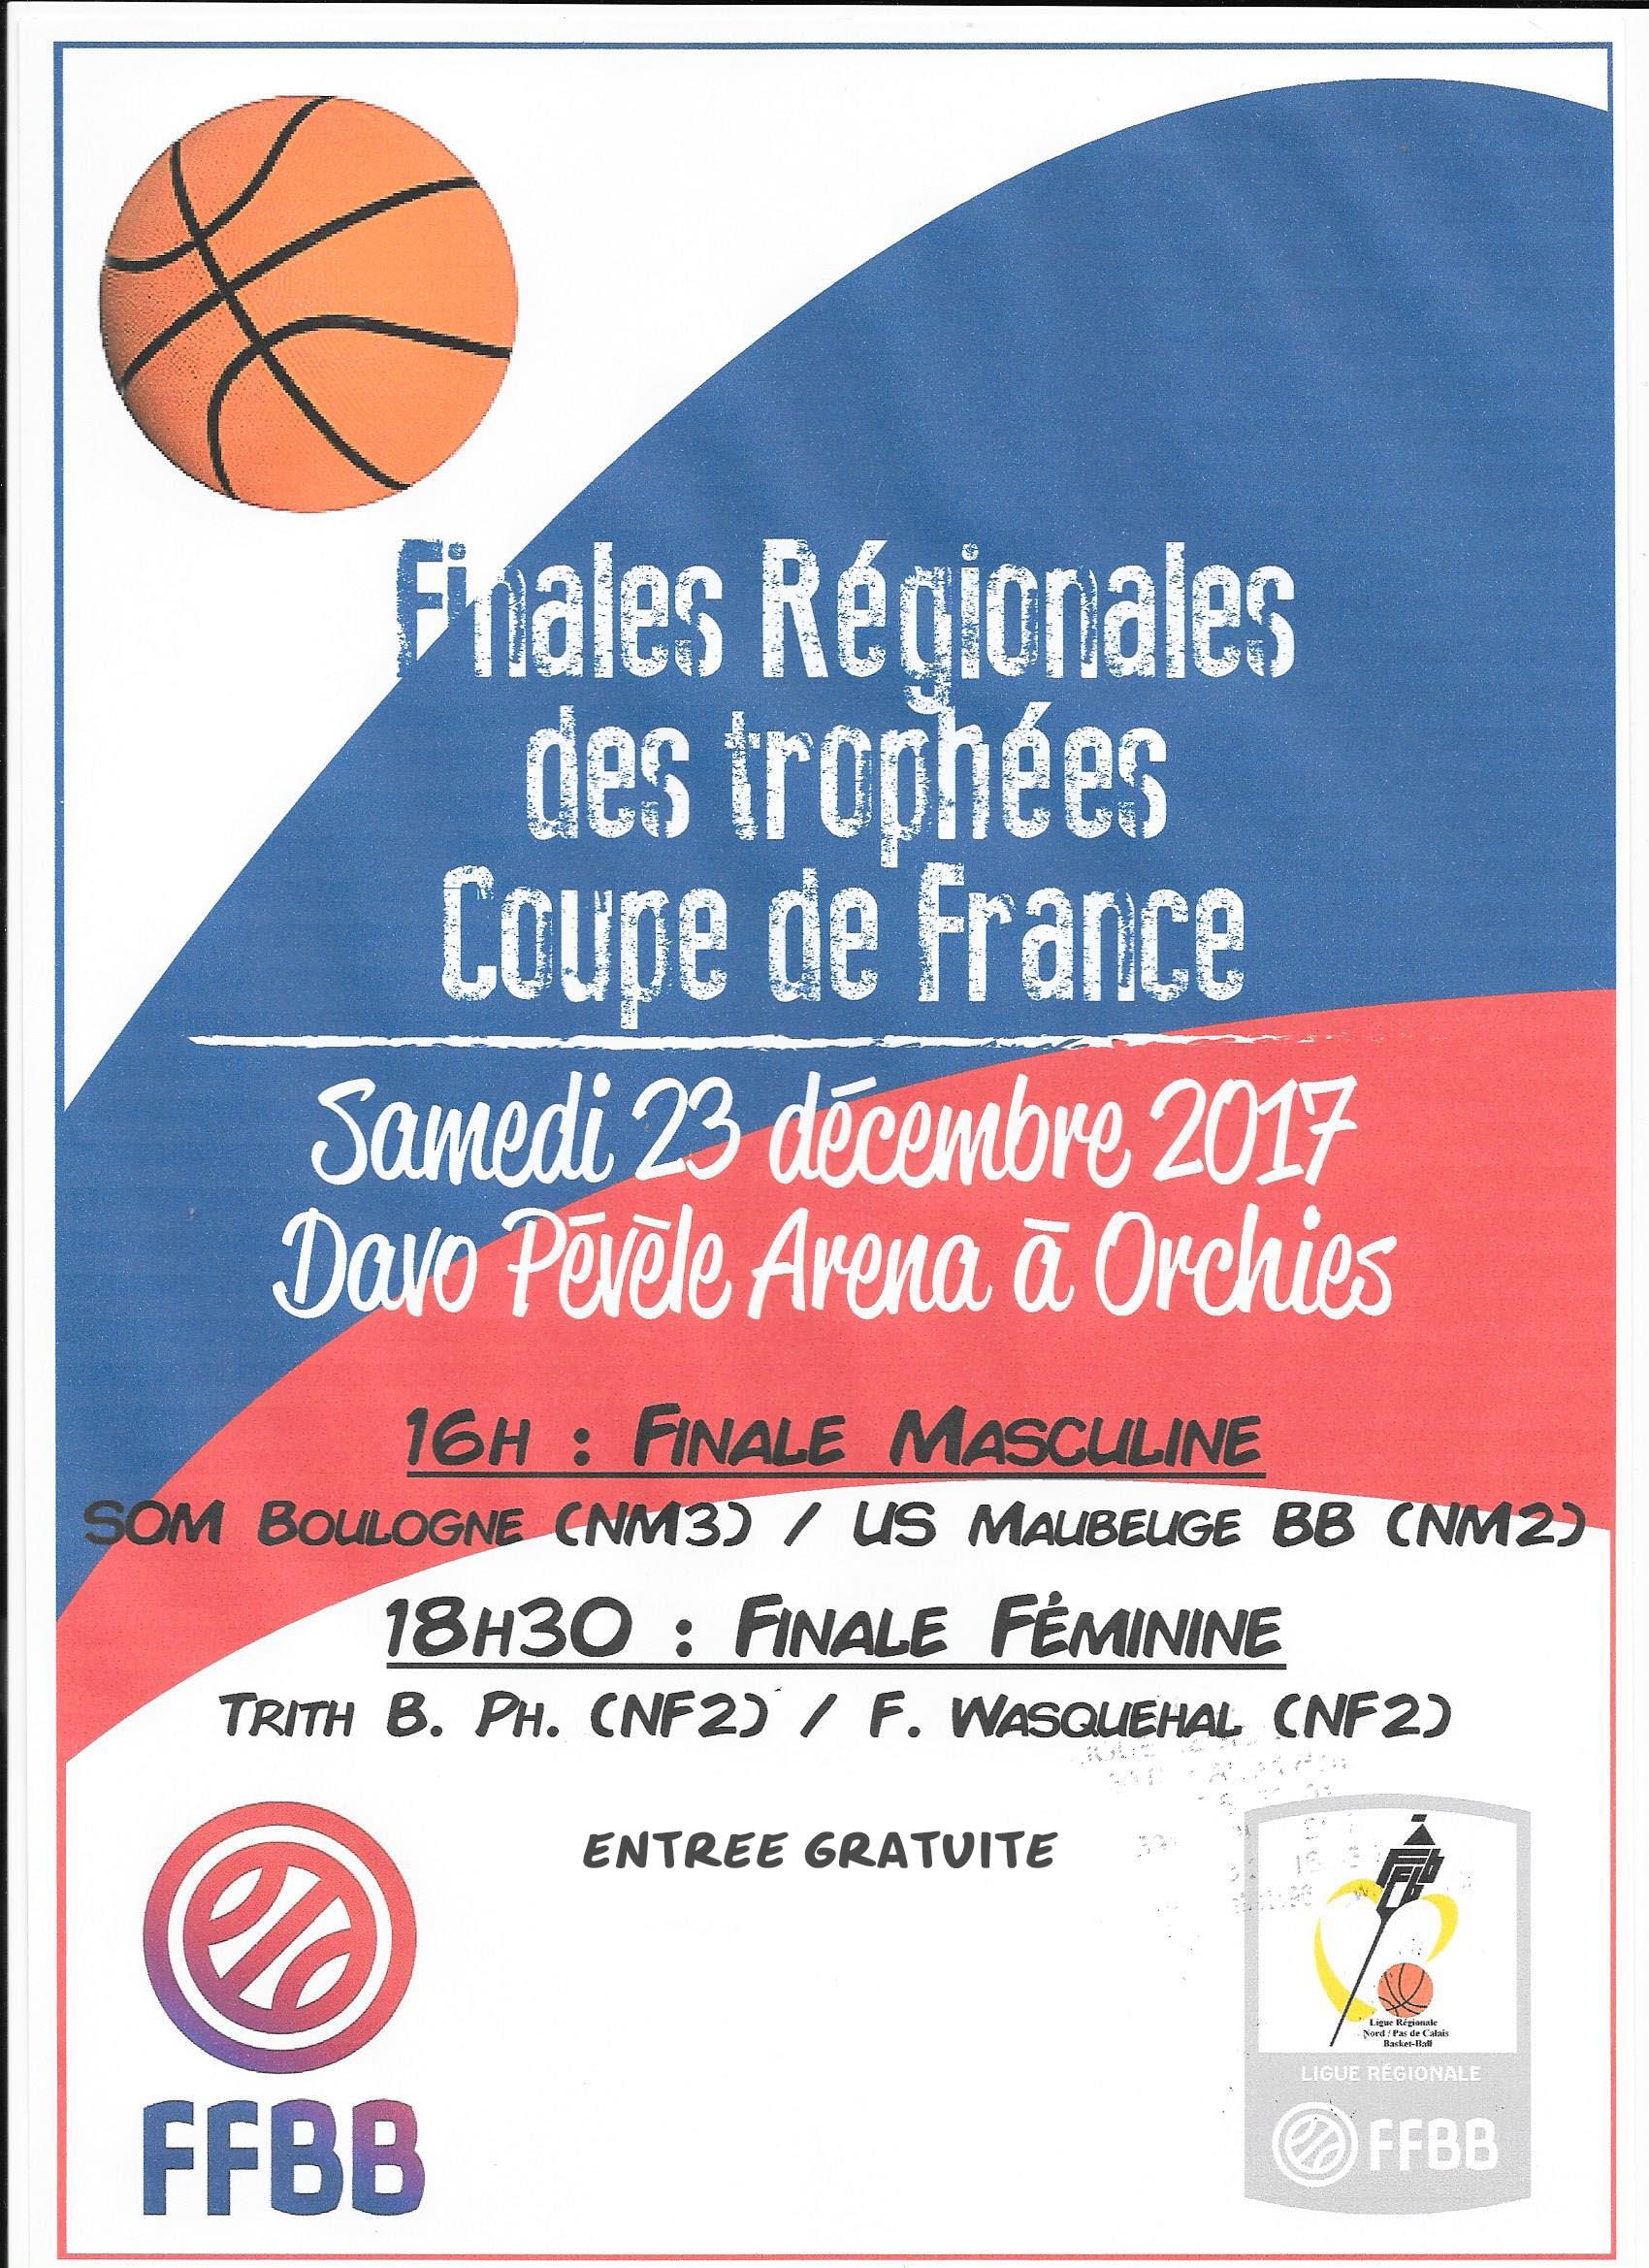 Les Finales Trophées Coupe de France Seront Solidaires !